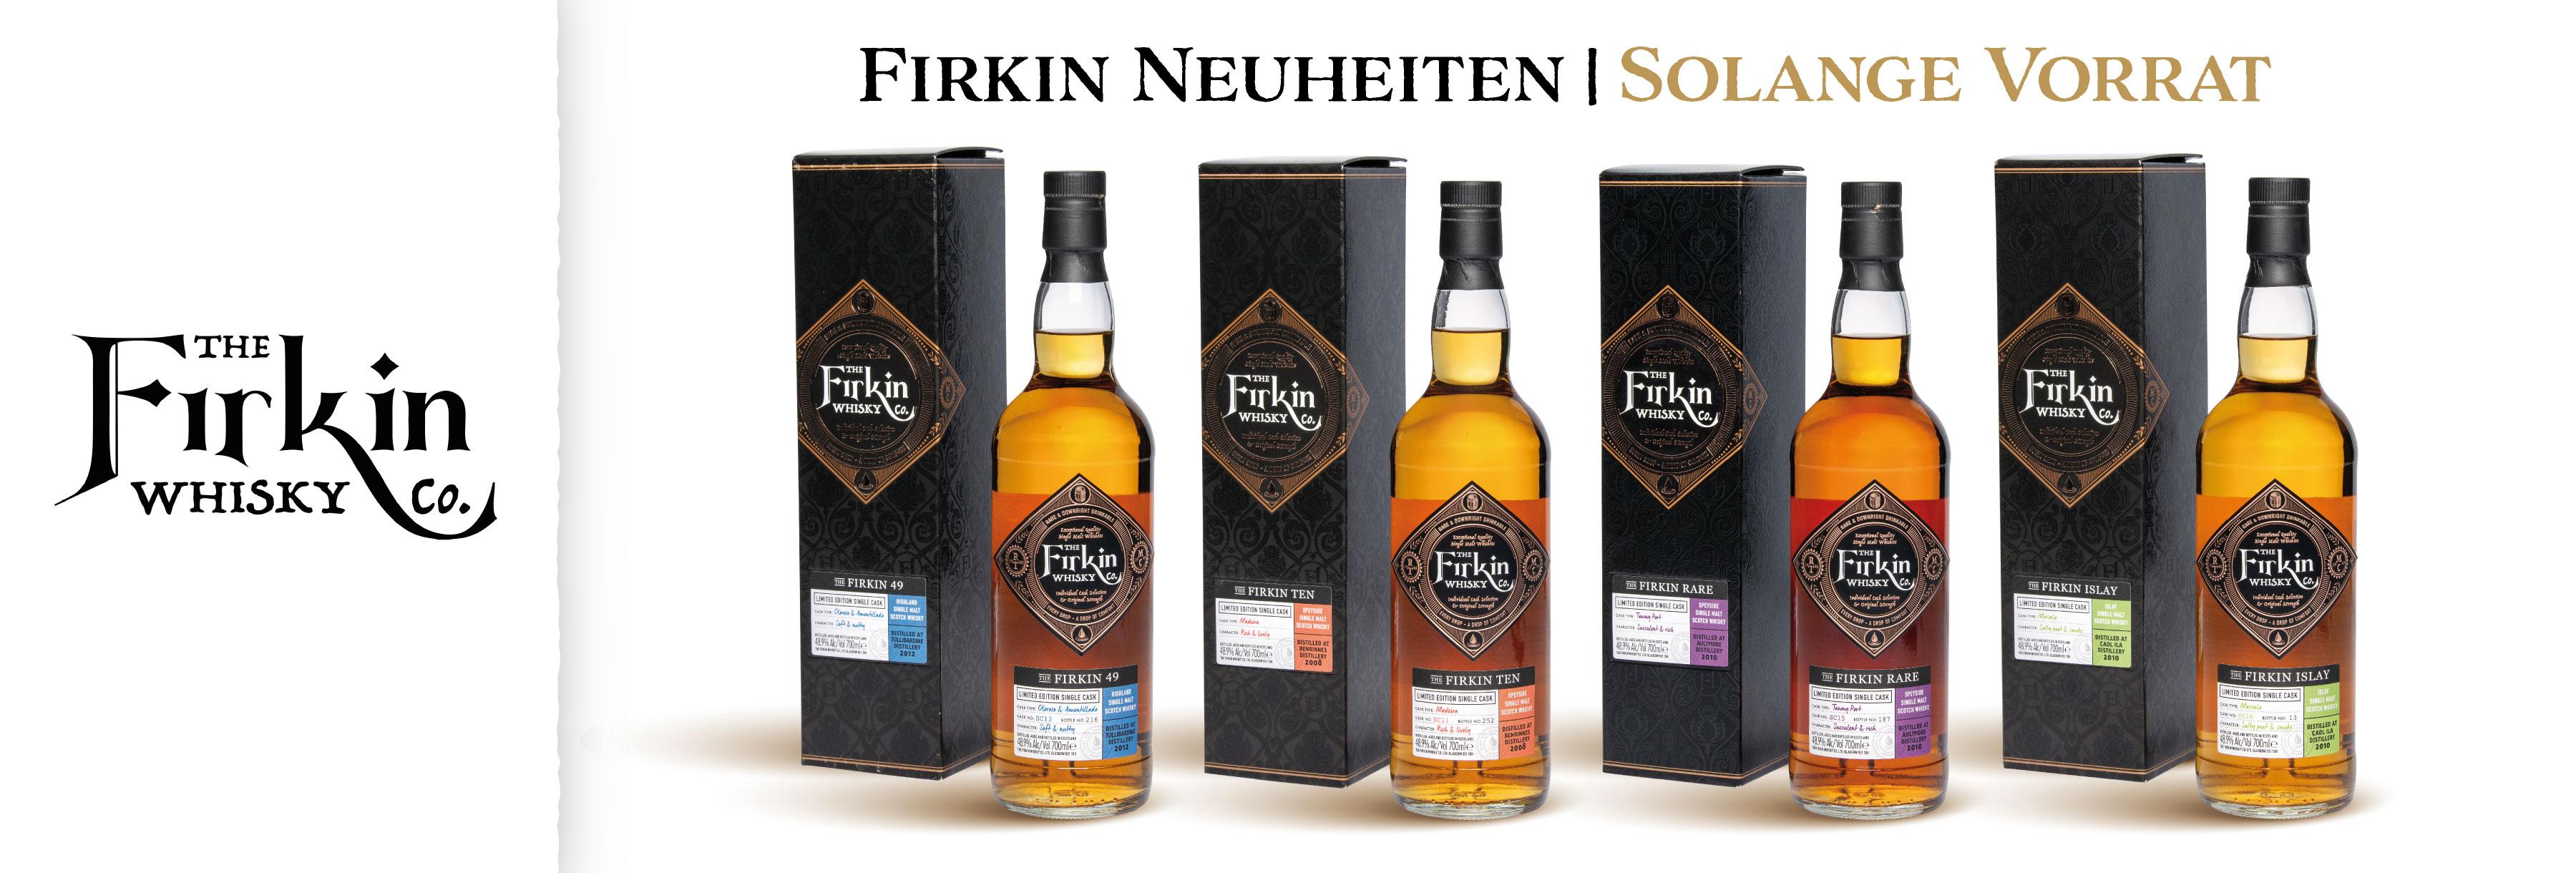 Firkin Neuheiten Independet Bottler Spencer Collings Glen Fahrn Single Cask Whisky Whiskies Rar